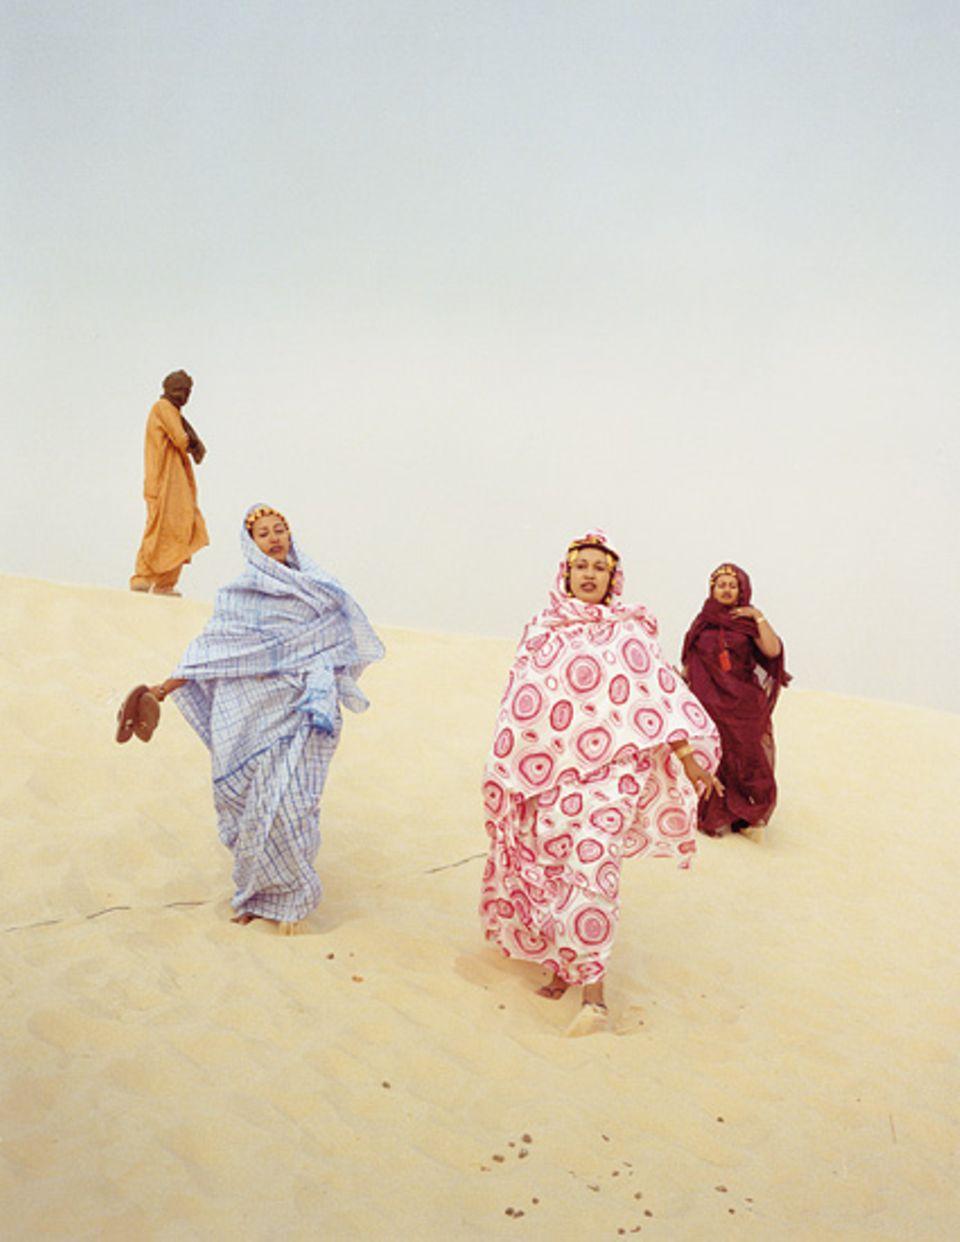 Mali: Im Sandsturm zum Konzert: Auch die Schönheiten aus dem Publikum sind eine Attraktion des Musikfestivals. Die Tuareg-Frauen färben ihre Lippen indigo-blau und tragen traditionellen Schmuck